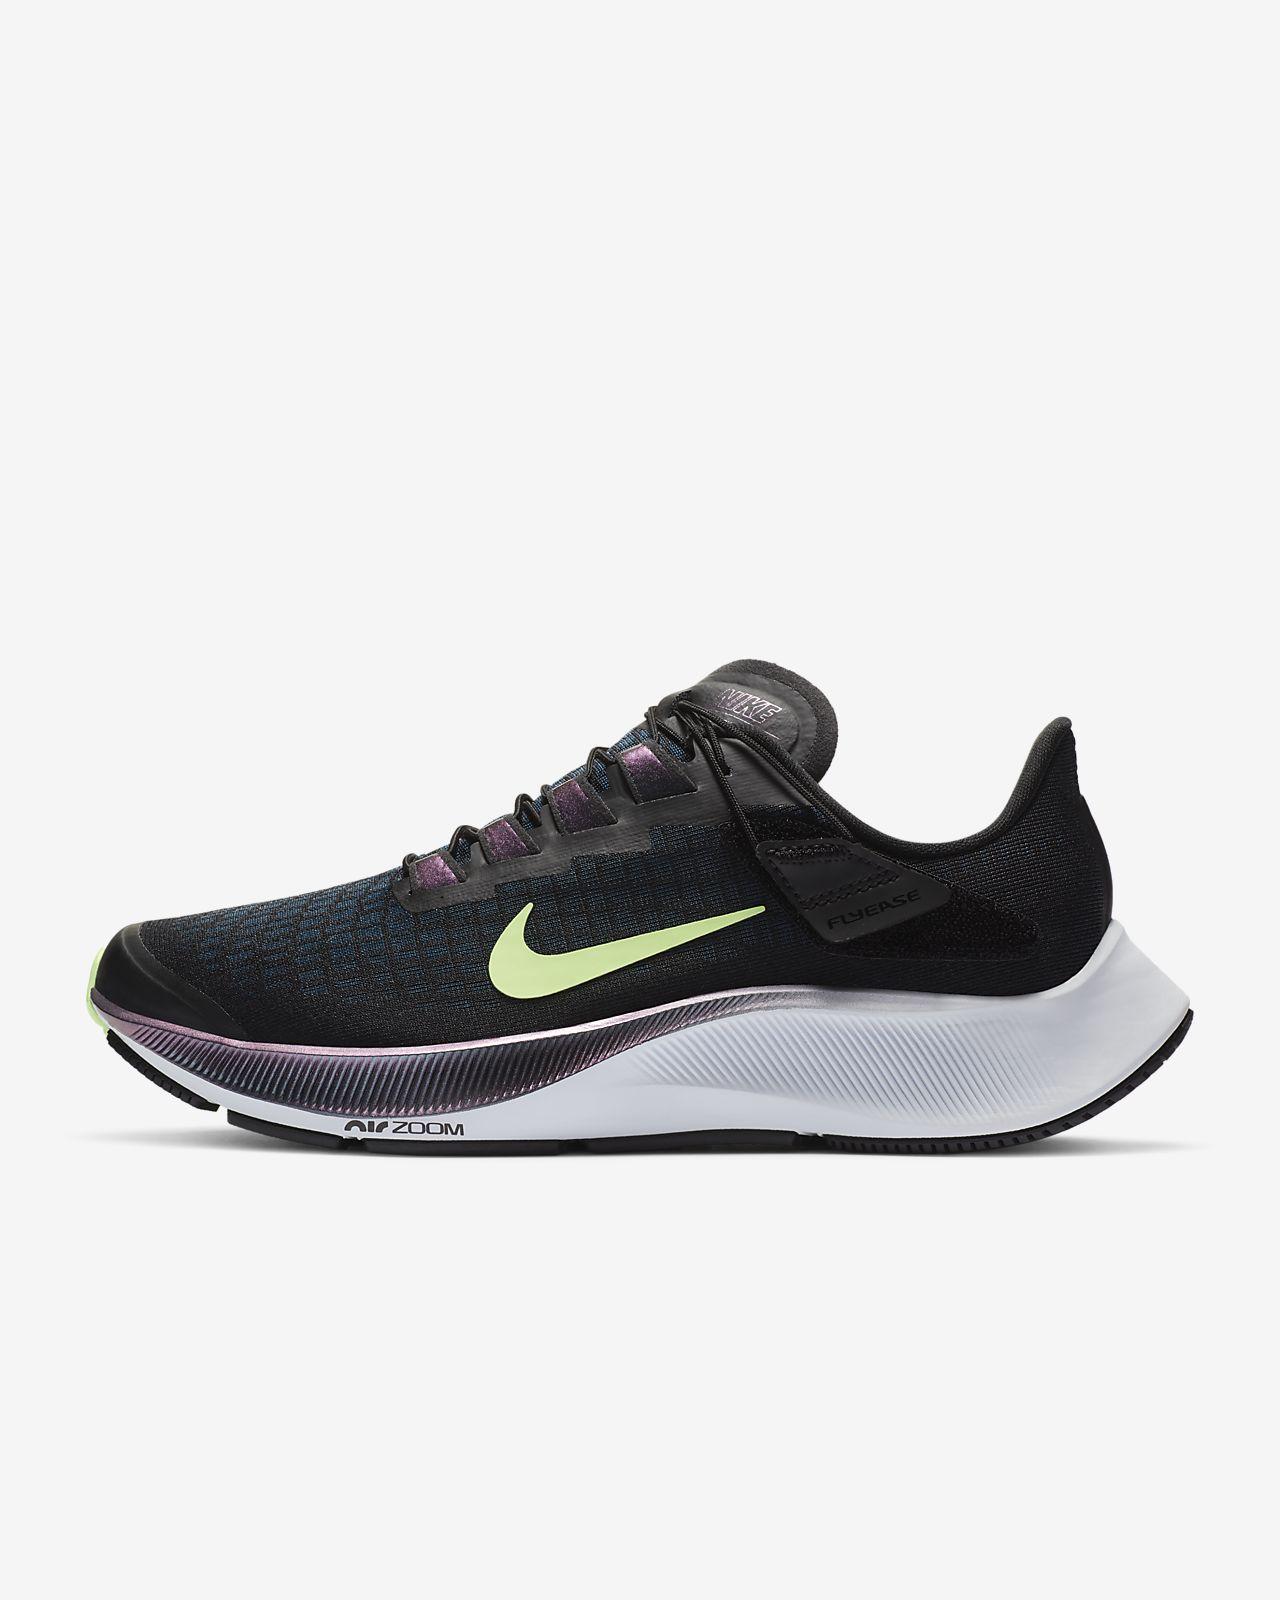 Nike Air Zoom Pegasus 37 FlyEase Hardloopschoen voor dames